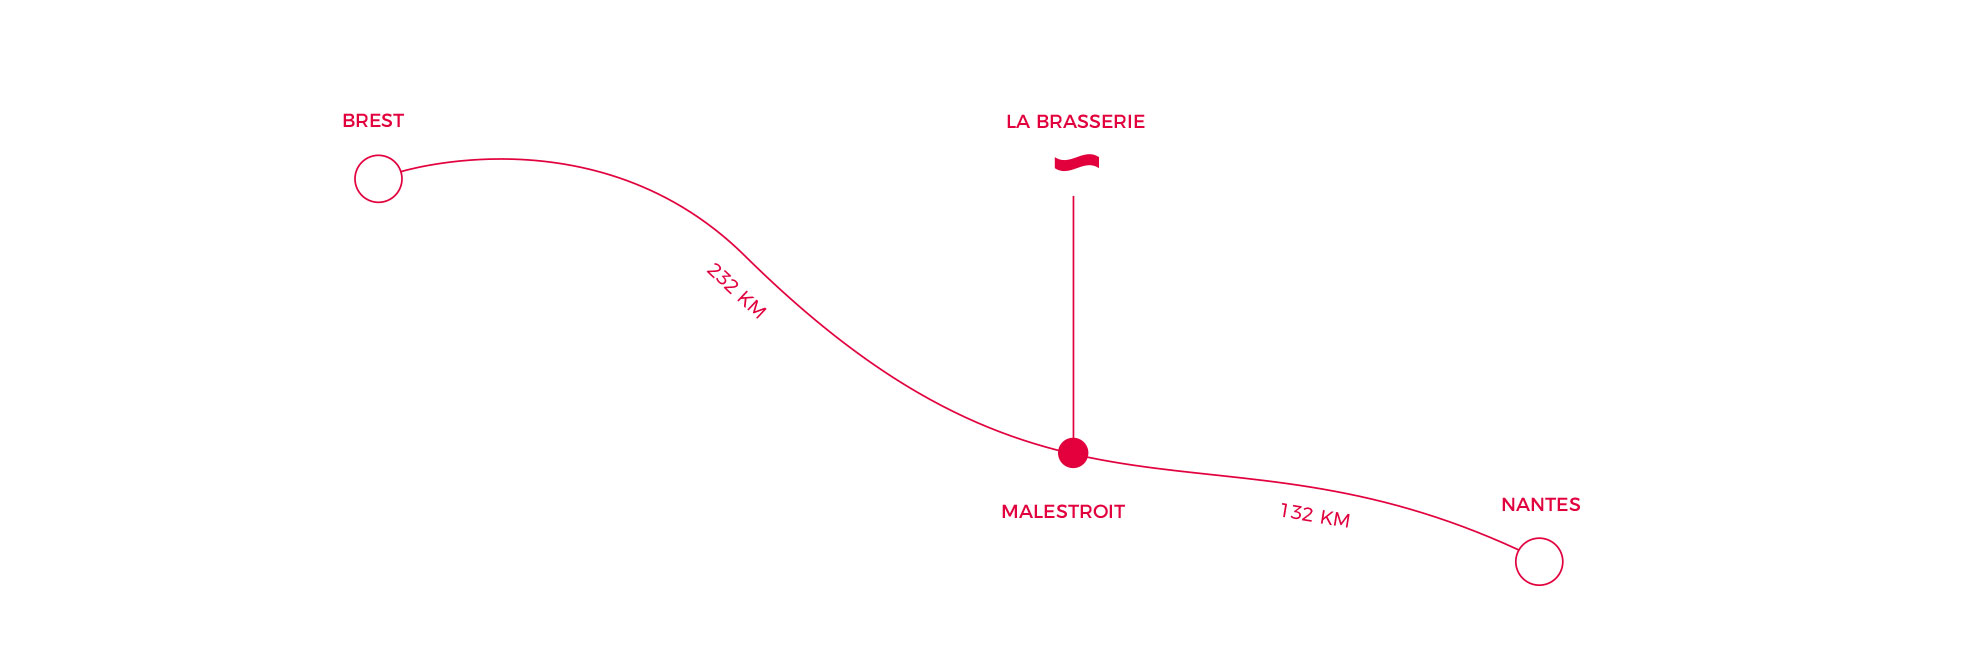 bieresBARQUE-logo34